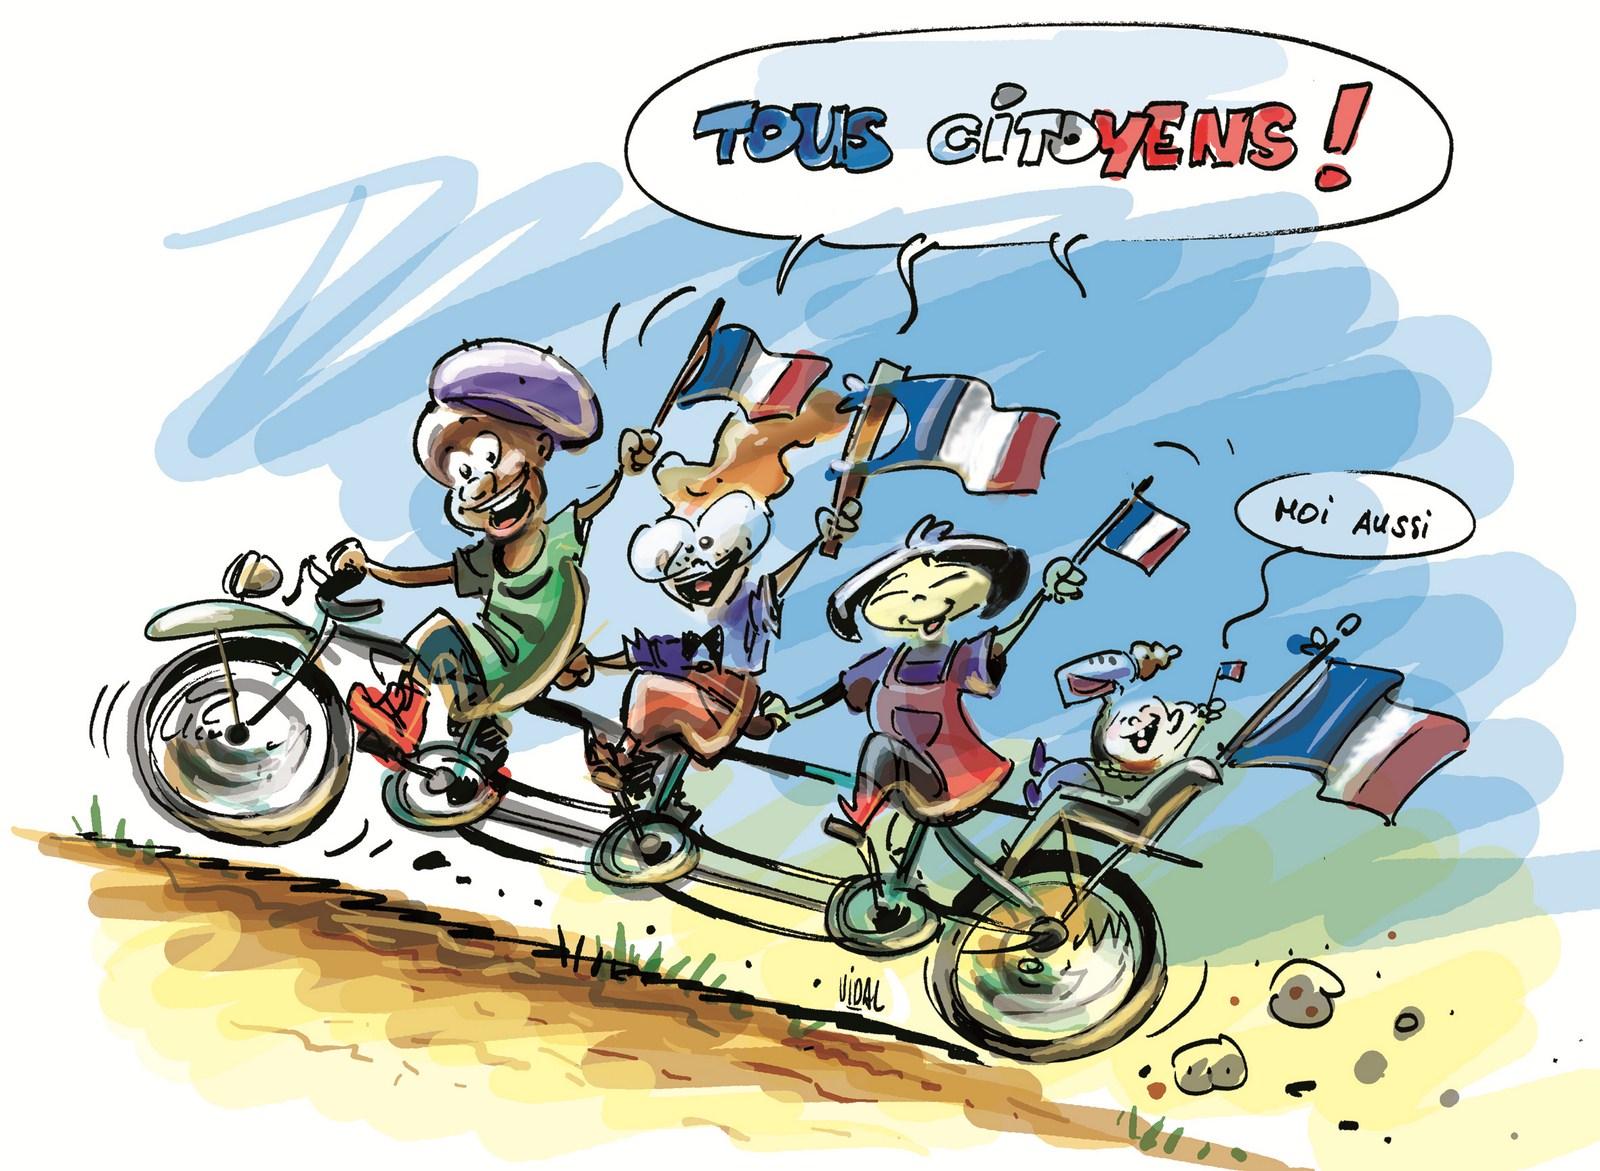 La citoyenneté à la française 2